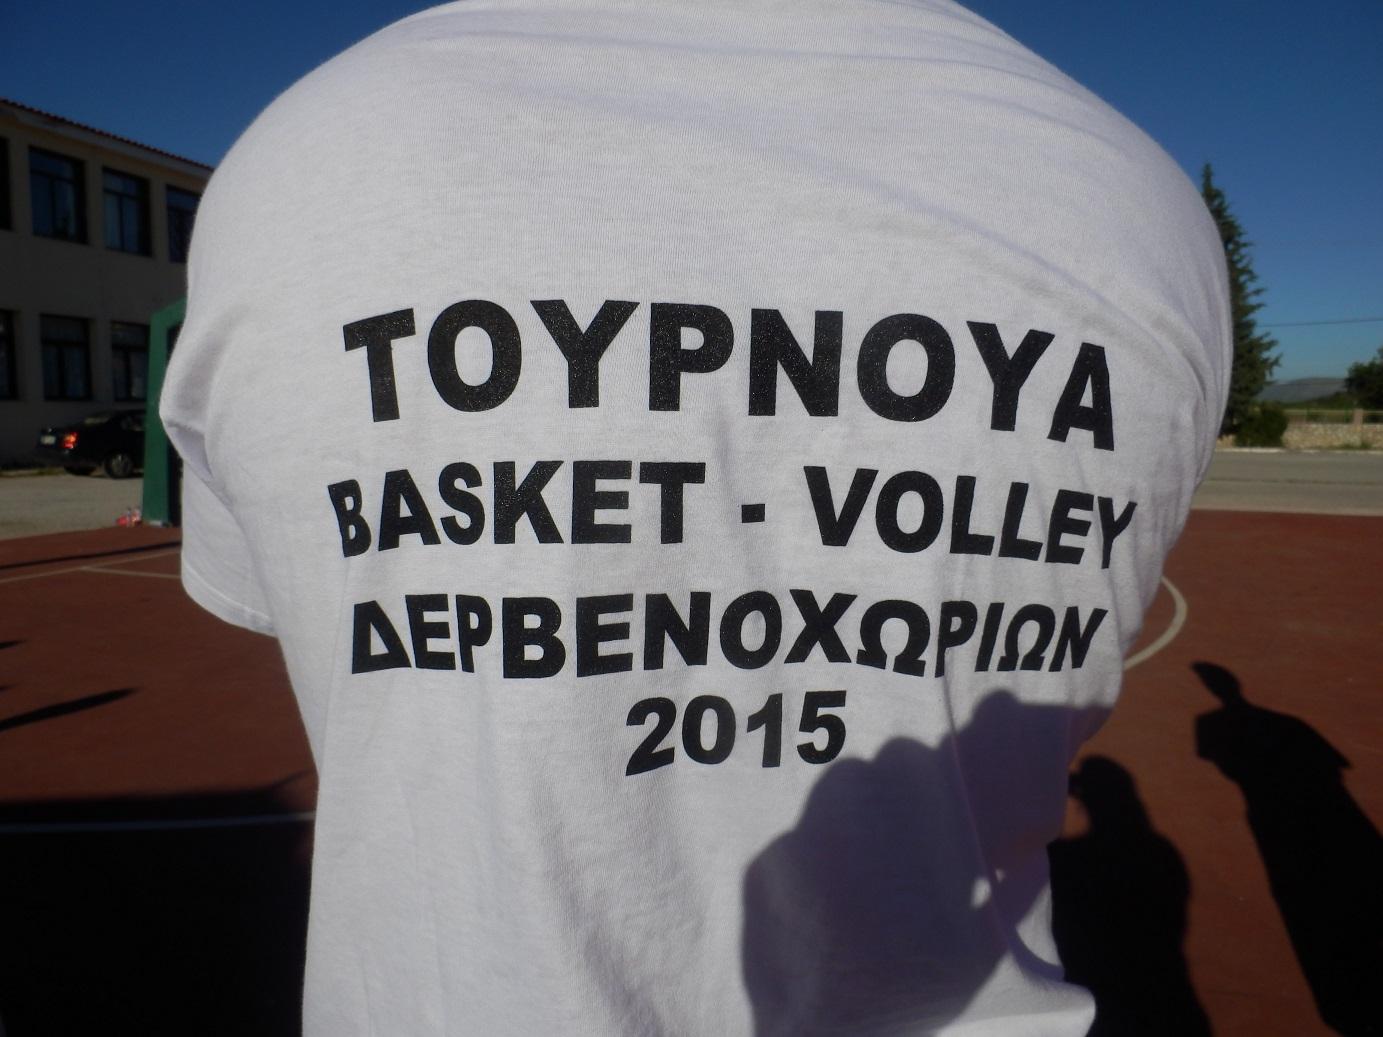 tournoua_basket